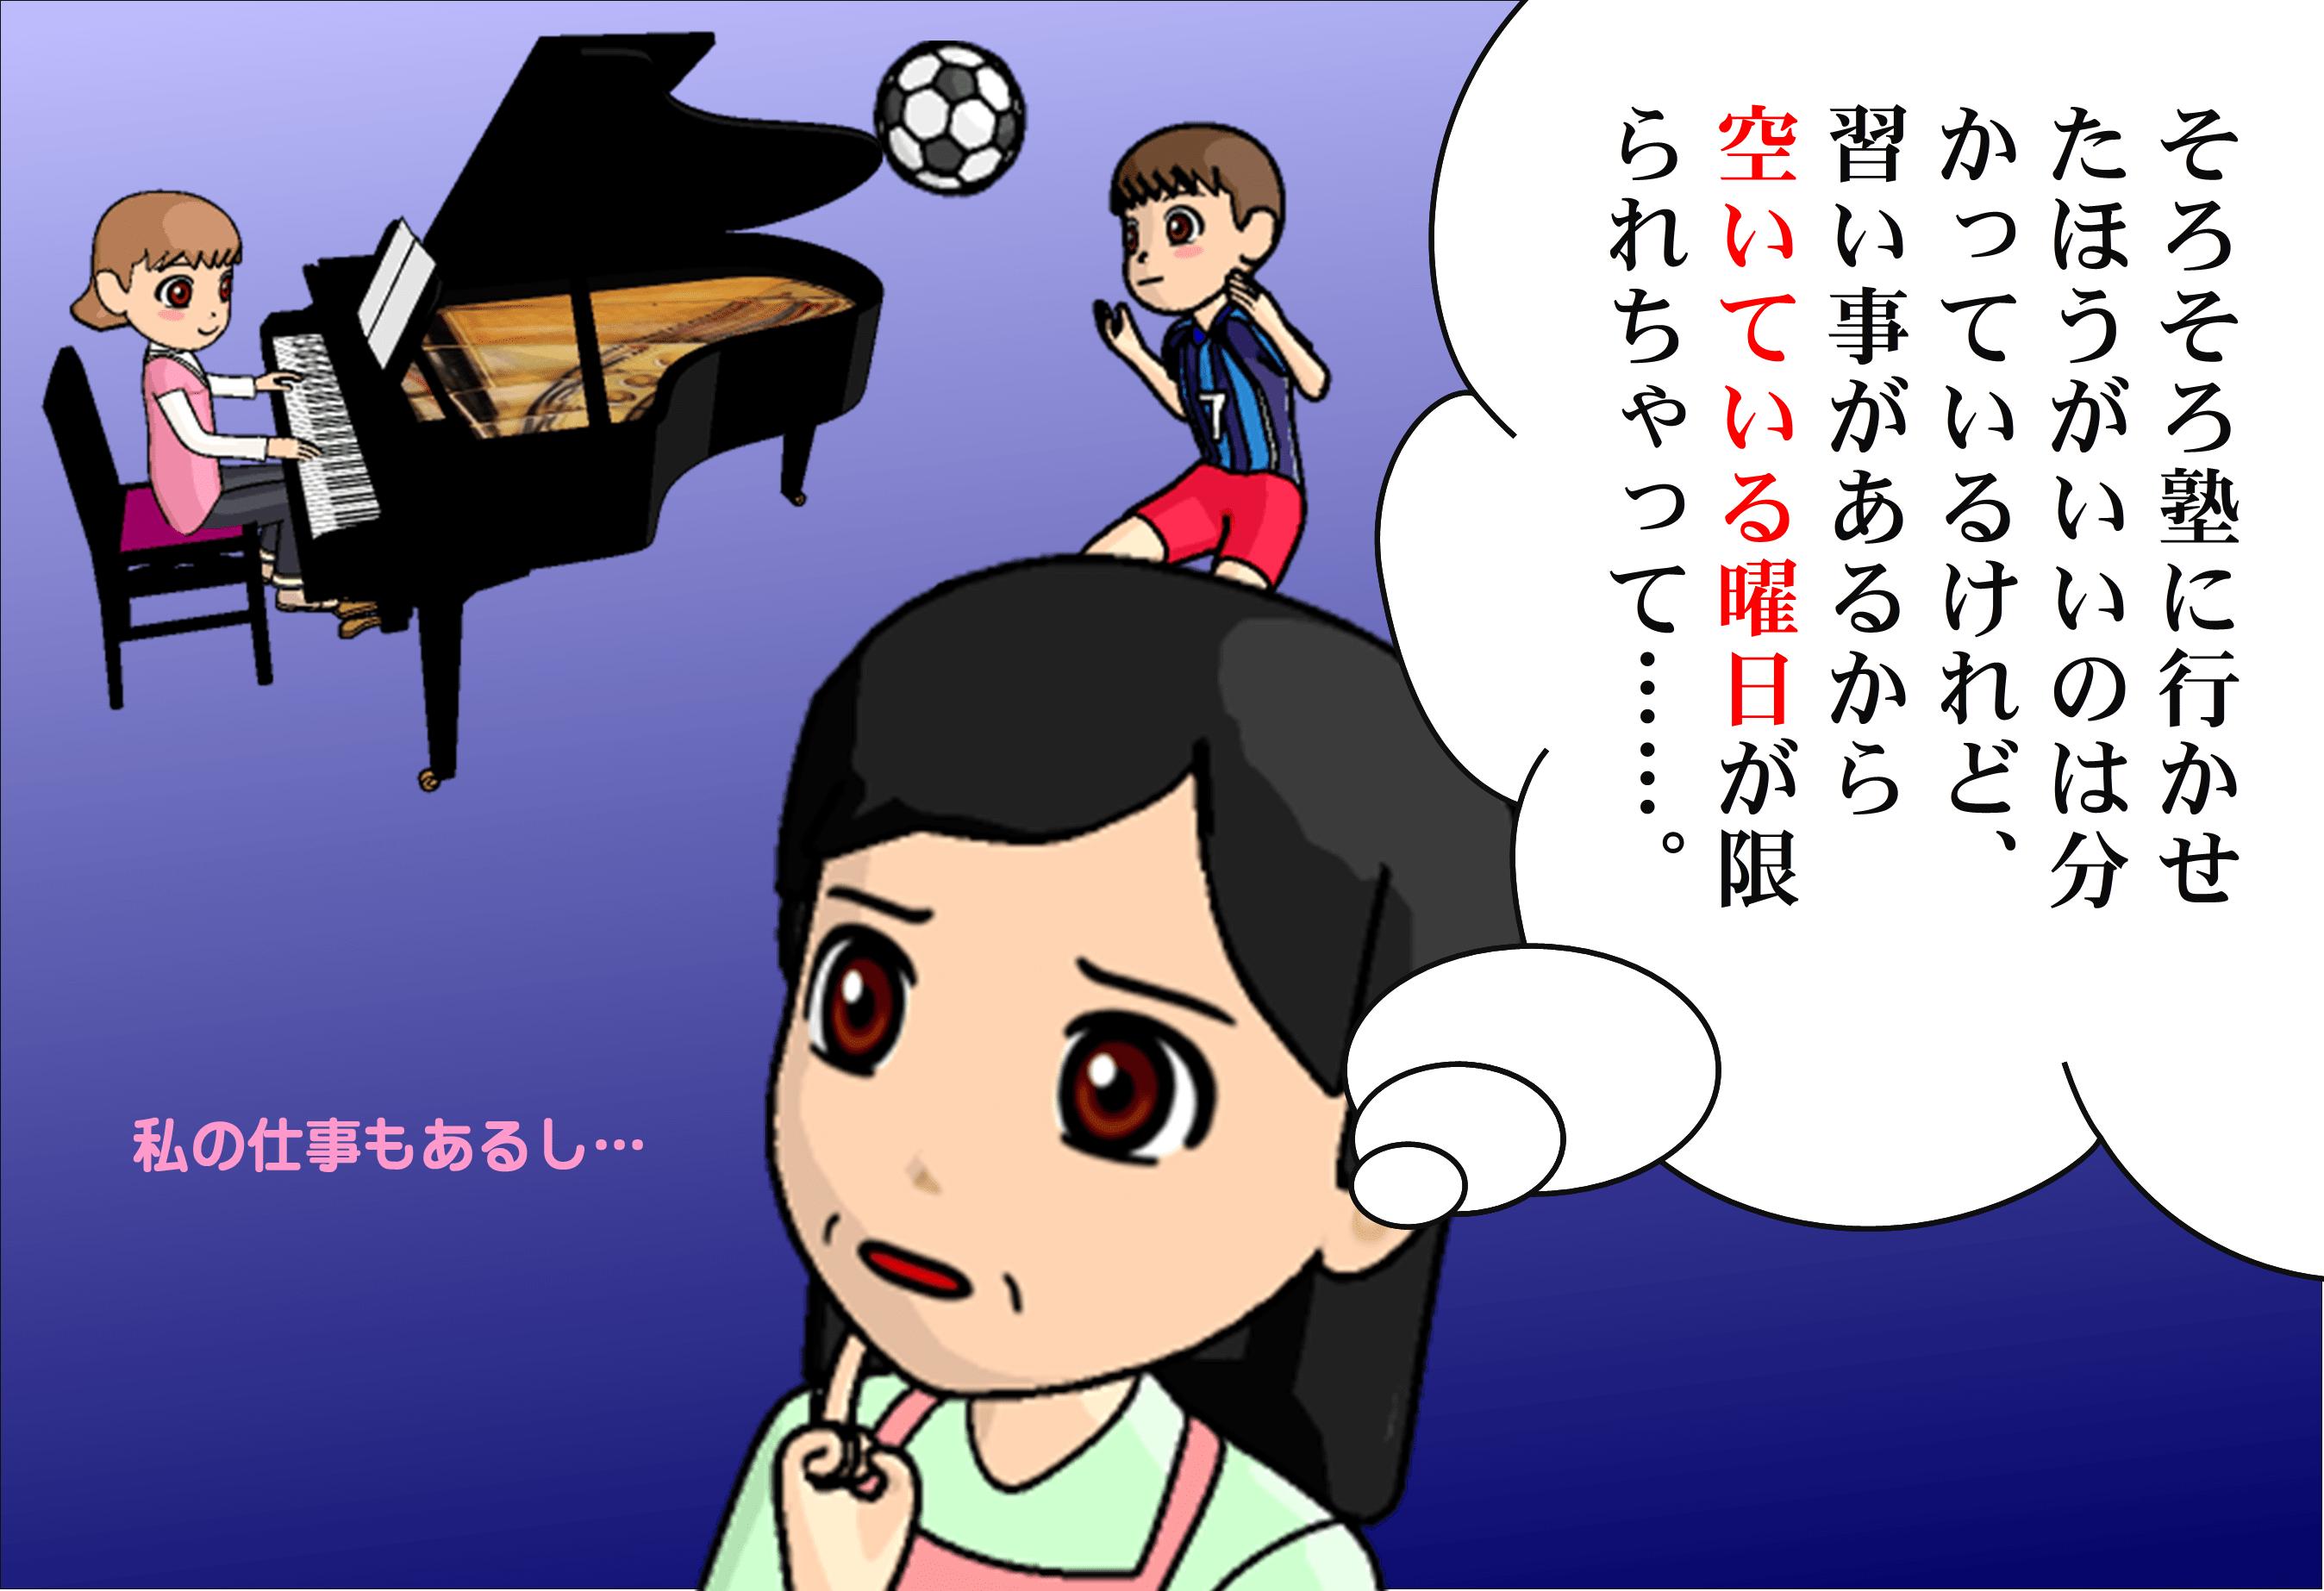 太田市の小学生のためのスケジュール調整がかんたんで安い塾のマンガ